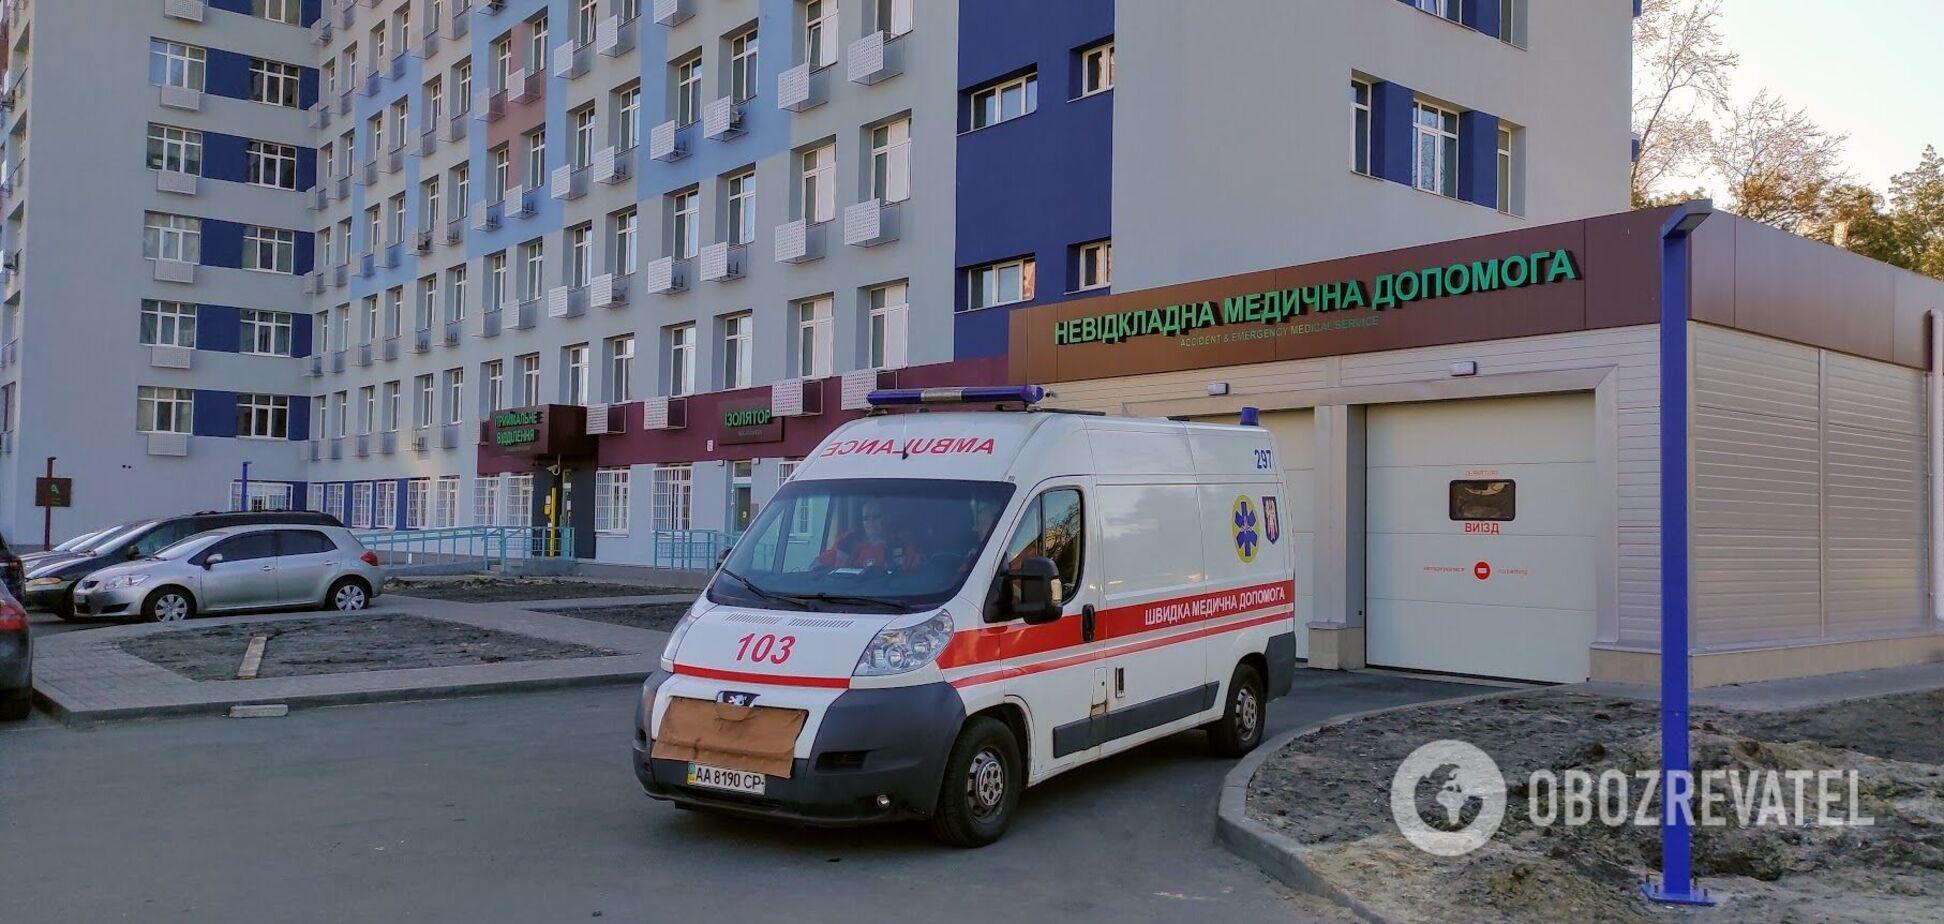 Решение будет зависеть от уровня госпитализации больных коронавирусом